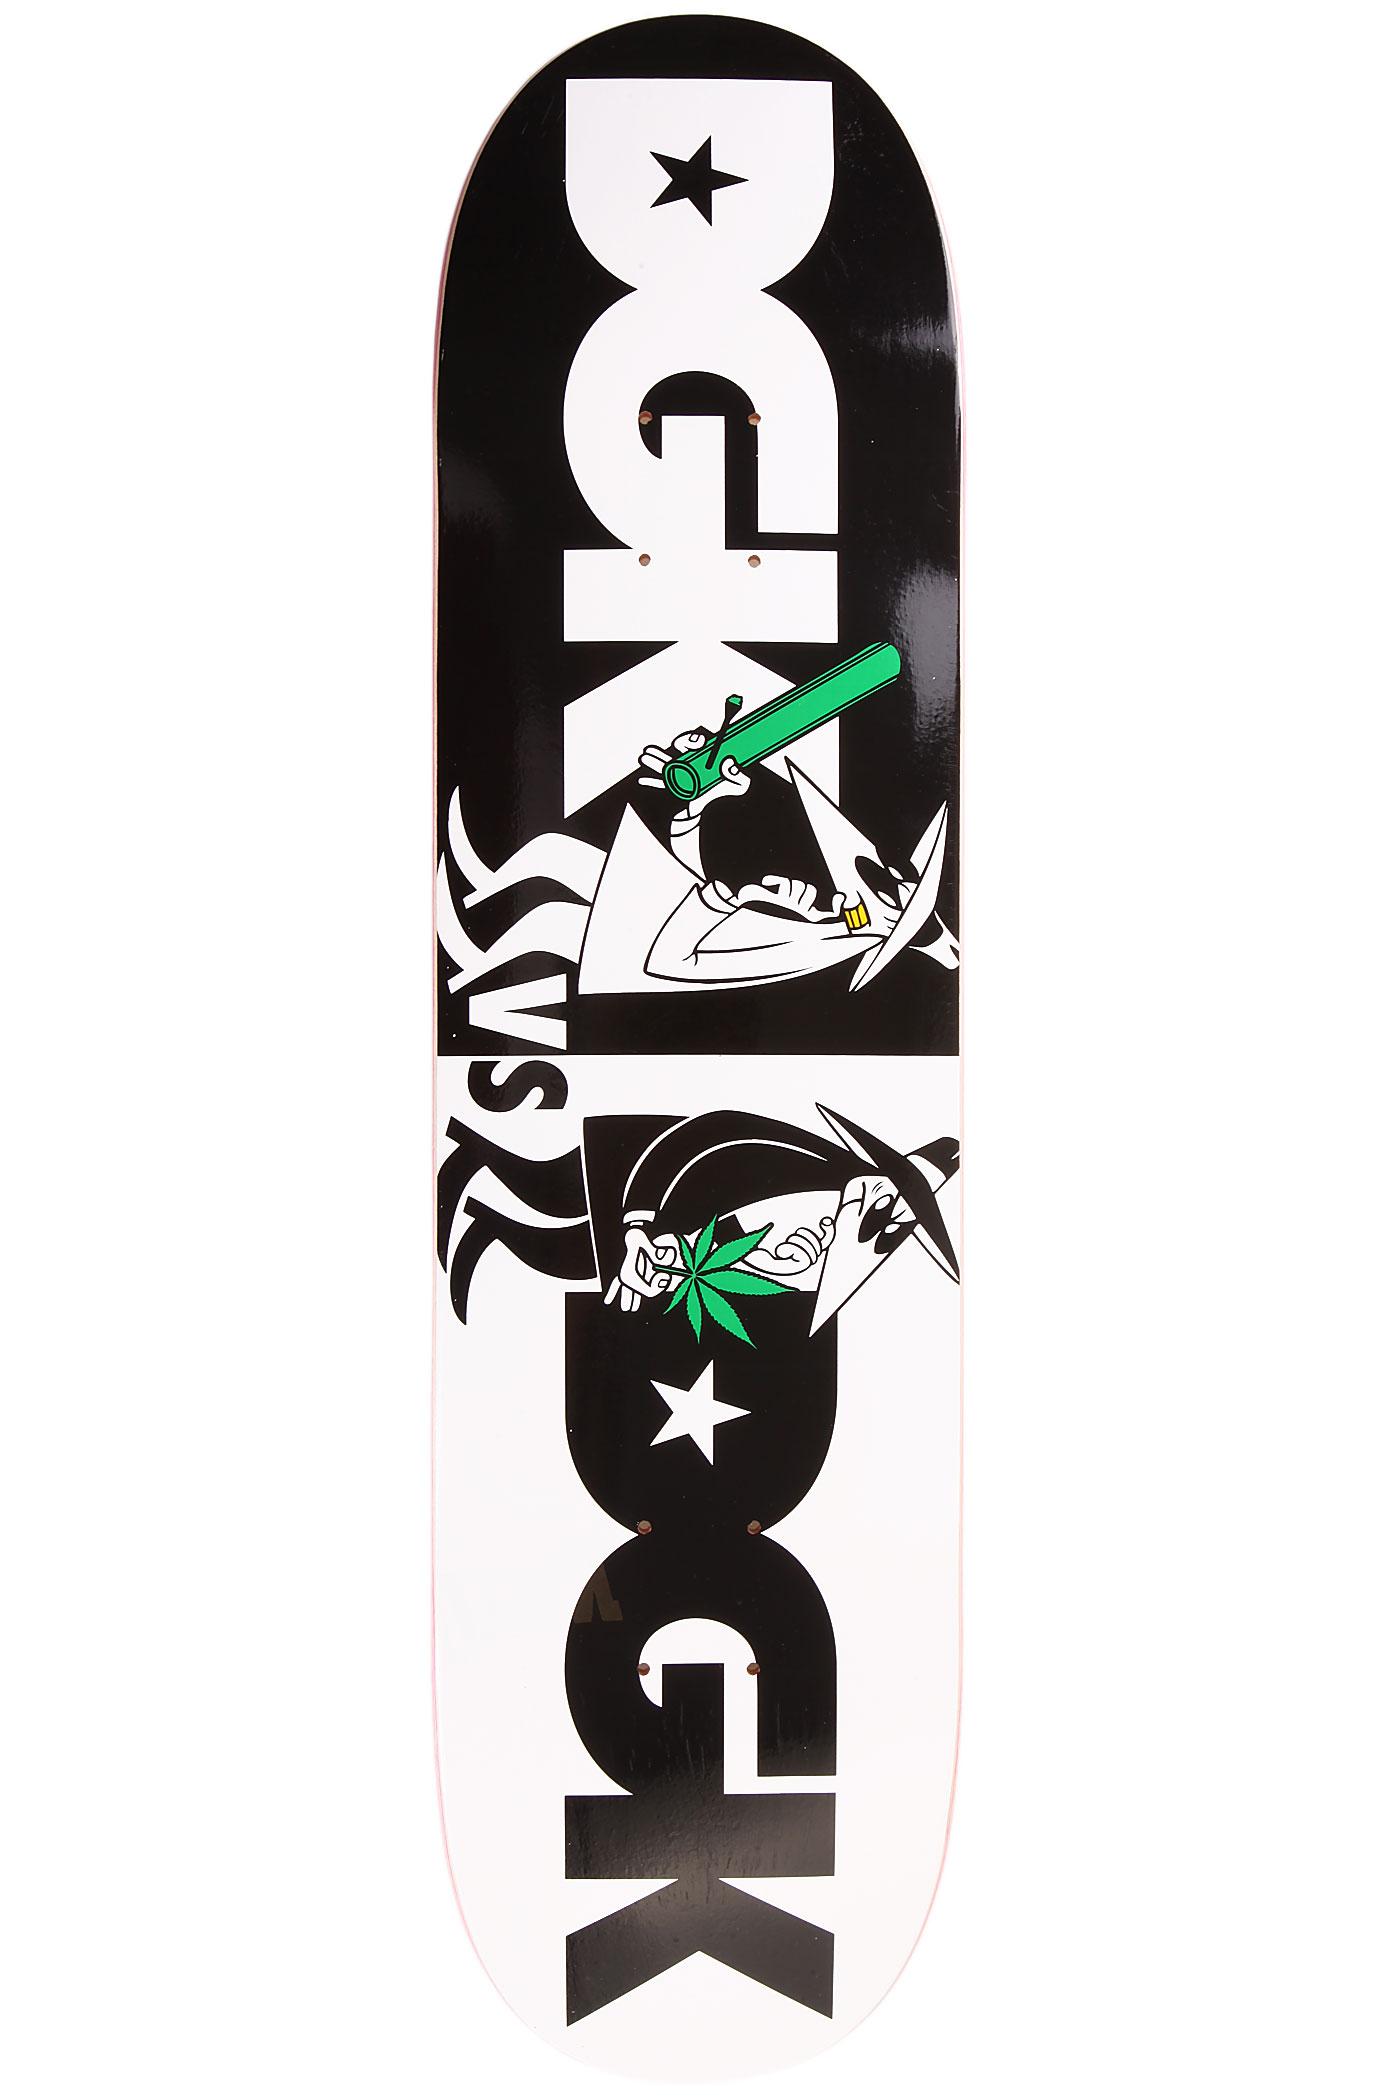 dgk skateboards decks  HD Photo Wallpaper Collection HD WALLPAPERS 1400x2100